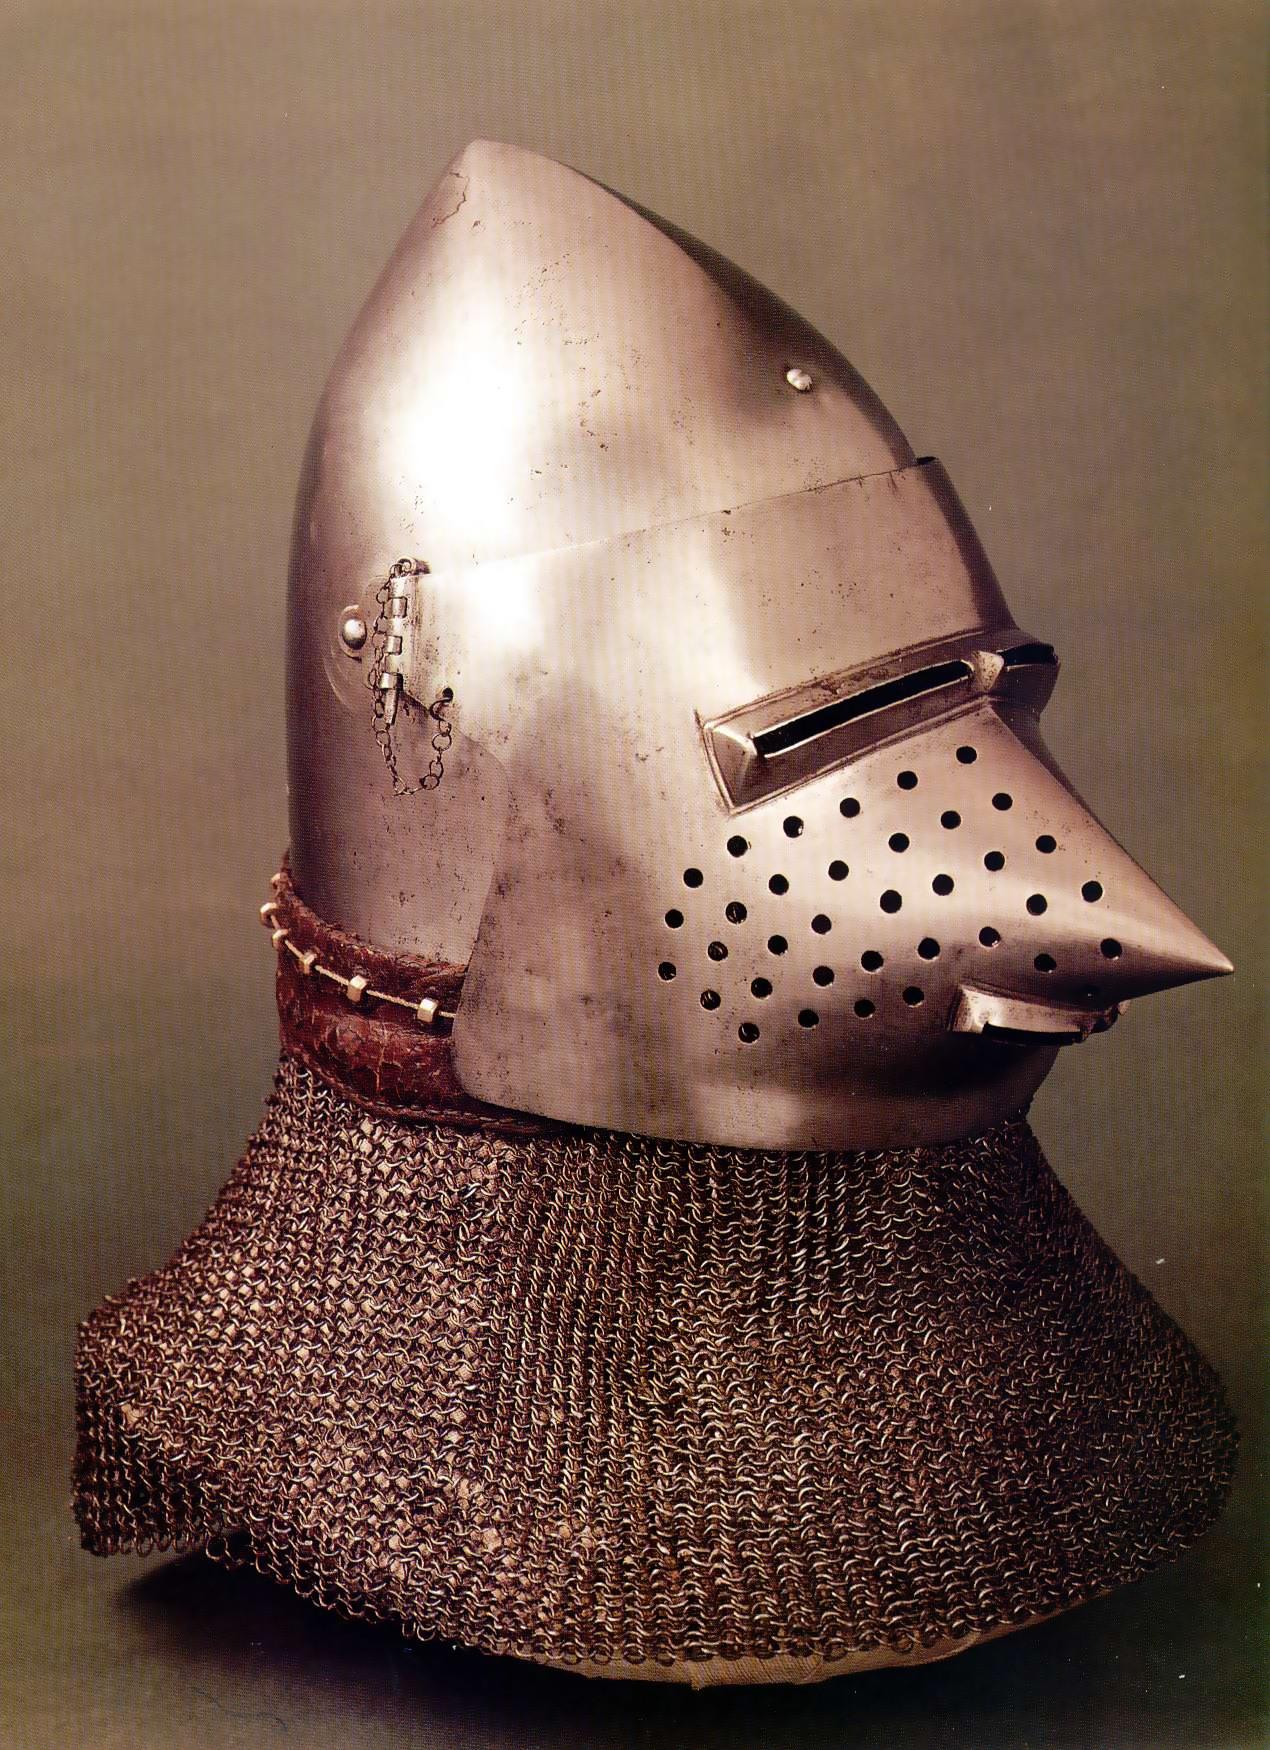 https://swordmaster.org/uploads/2010/bascinet/pic_spot_basc25.jpg